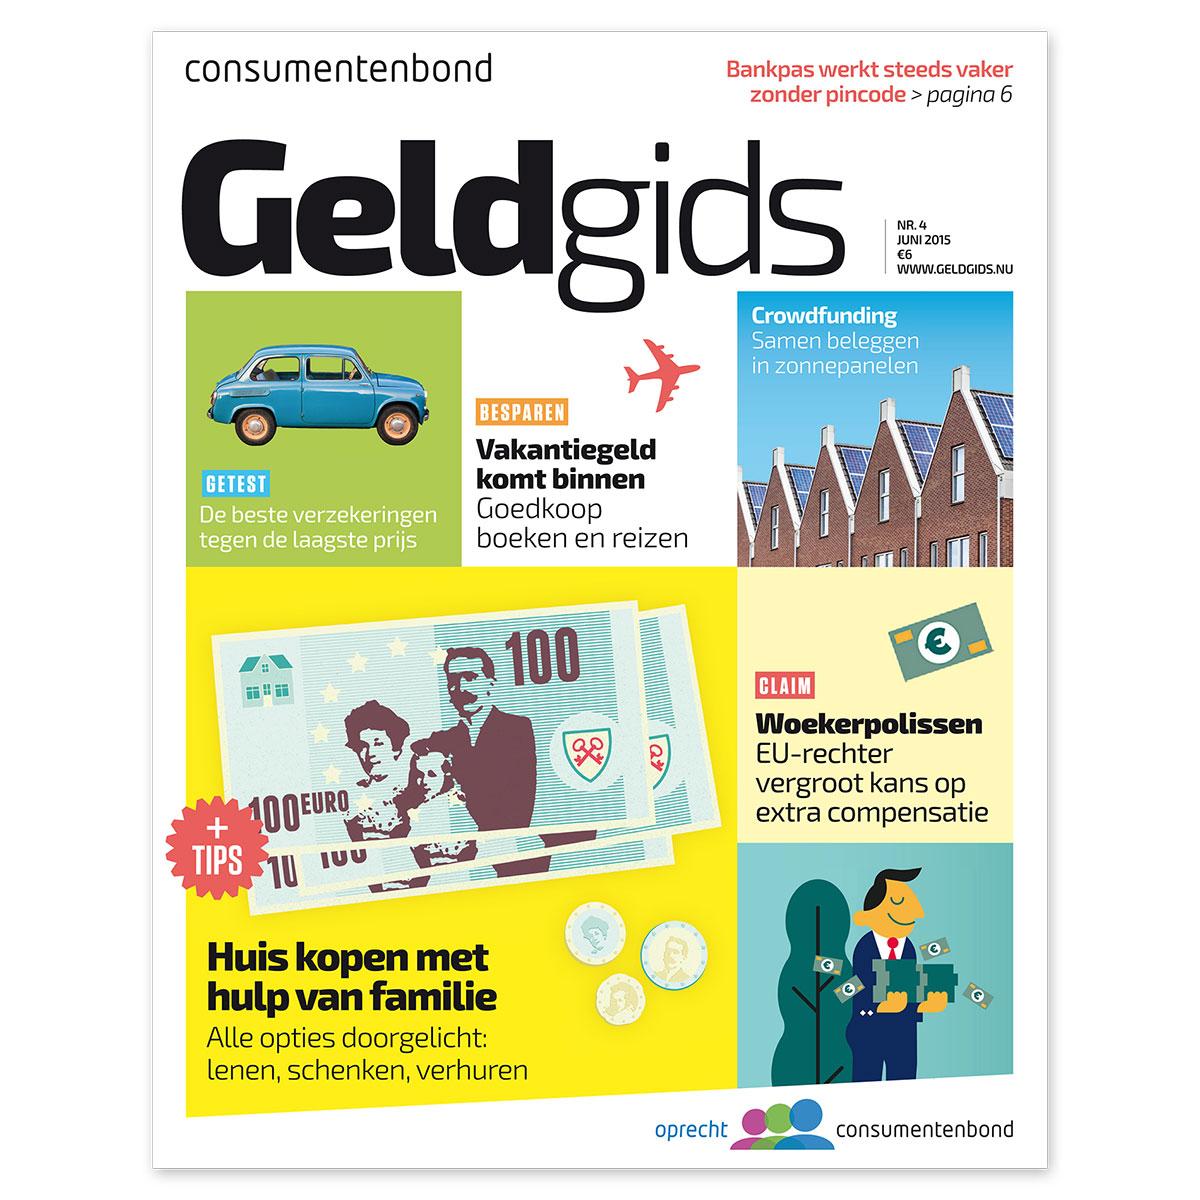 Geldgids-4-WW